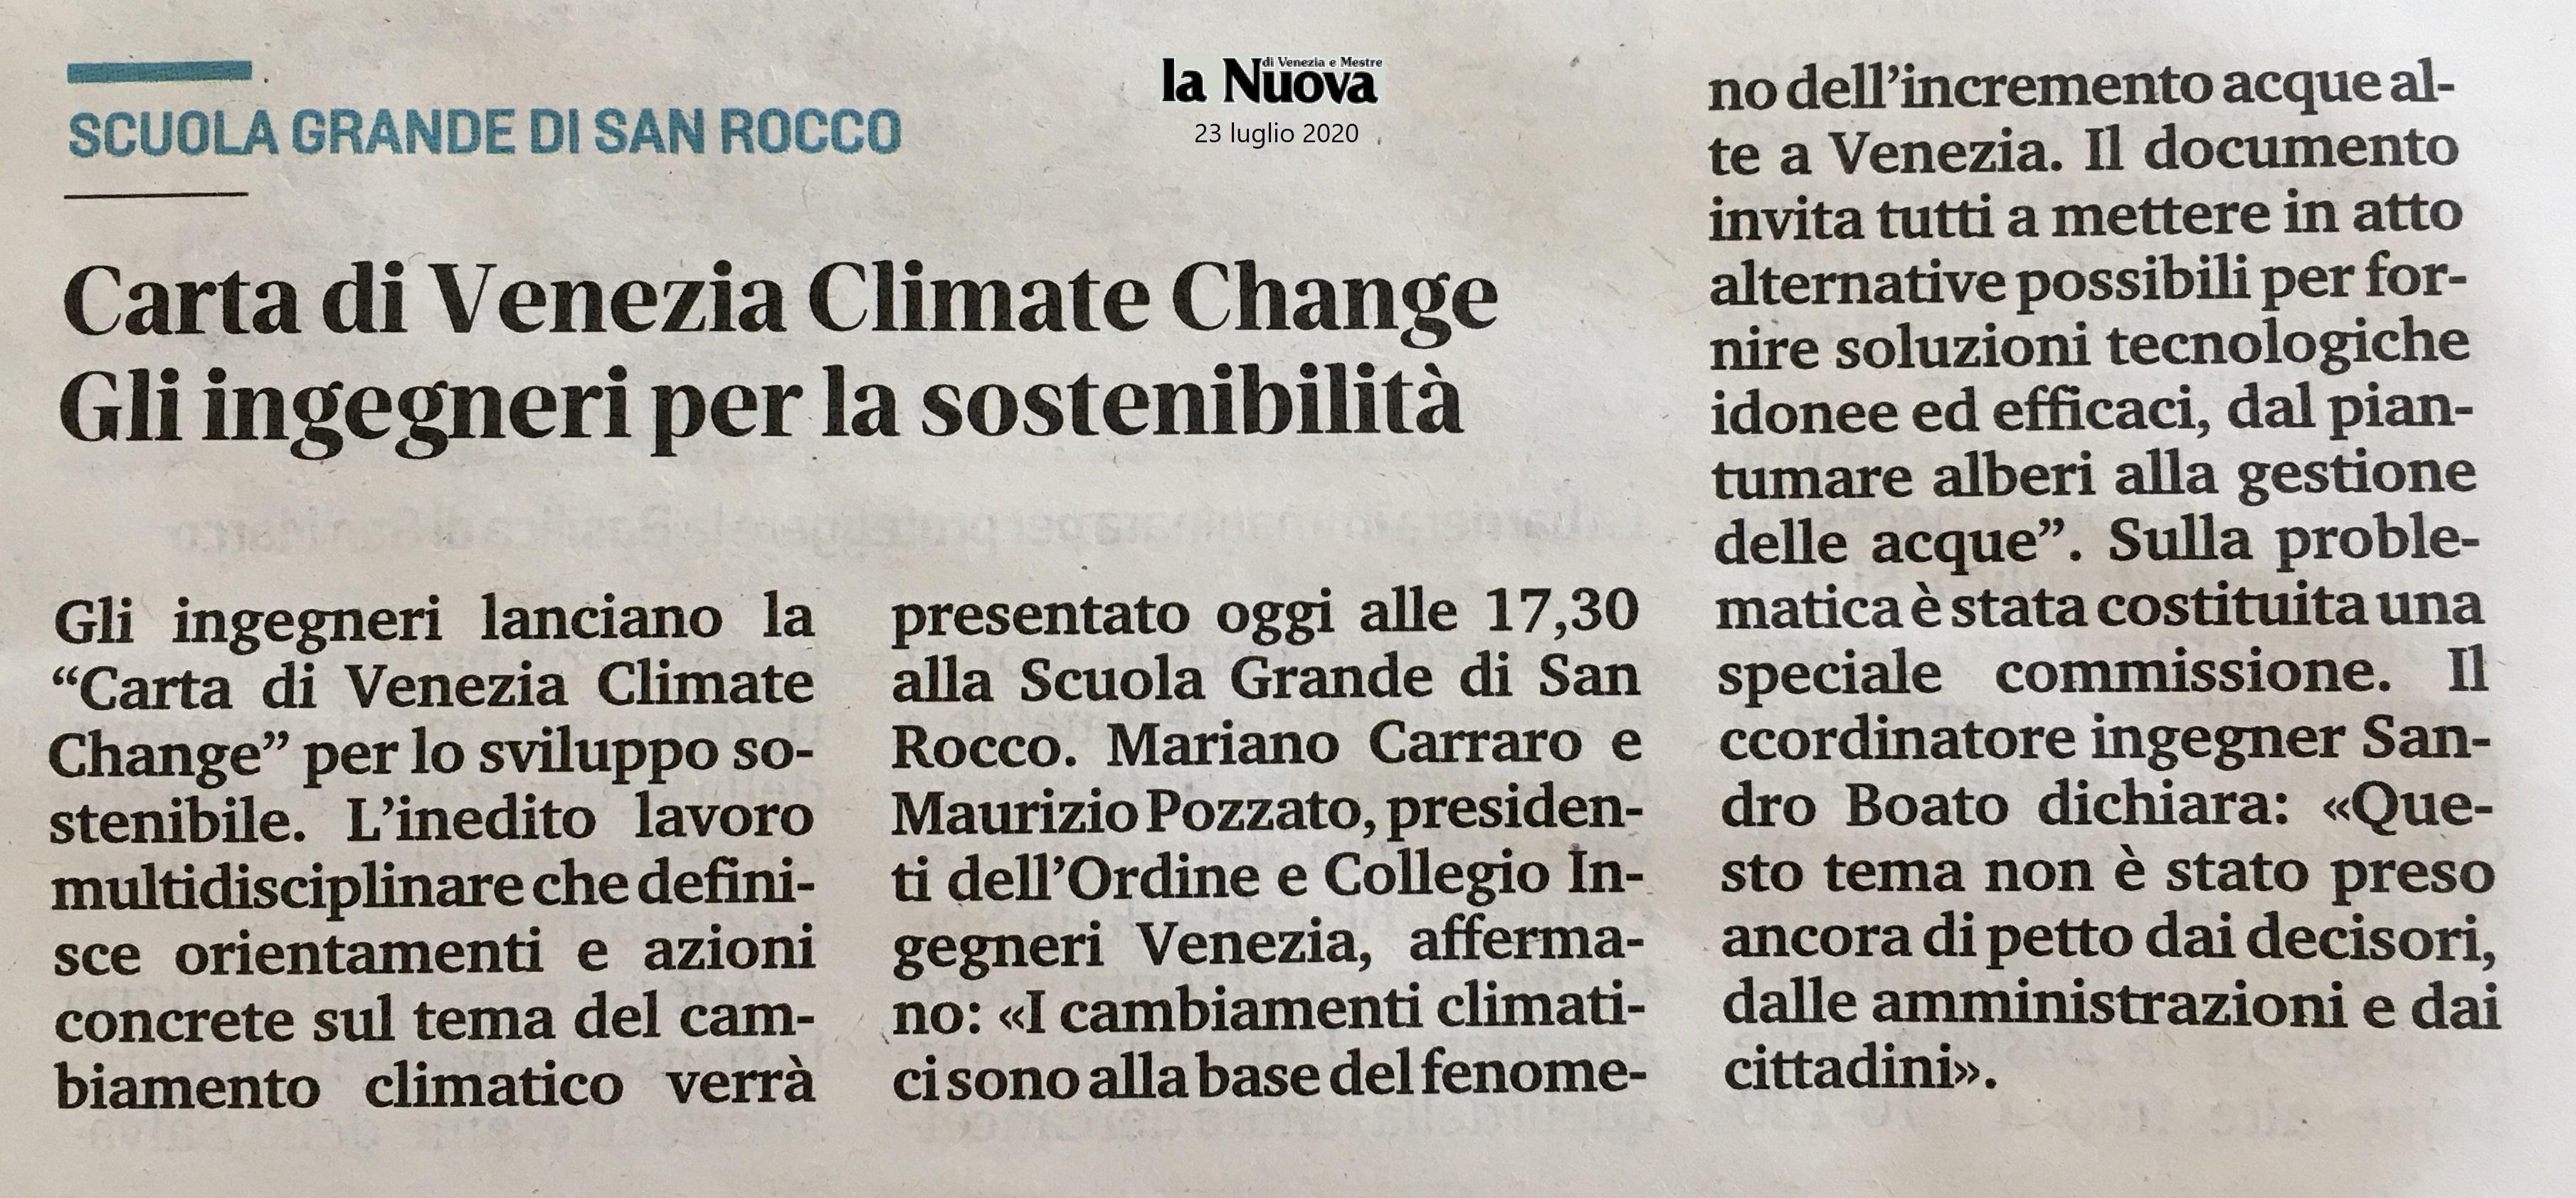 23.07.2020 La Nuova Venezia - Collegio e Ordine Ingegneri Venezia - Climate Change Scuola Grande San Rocco